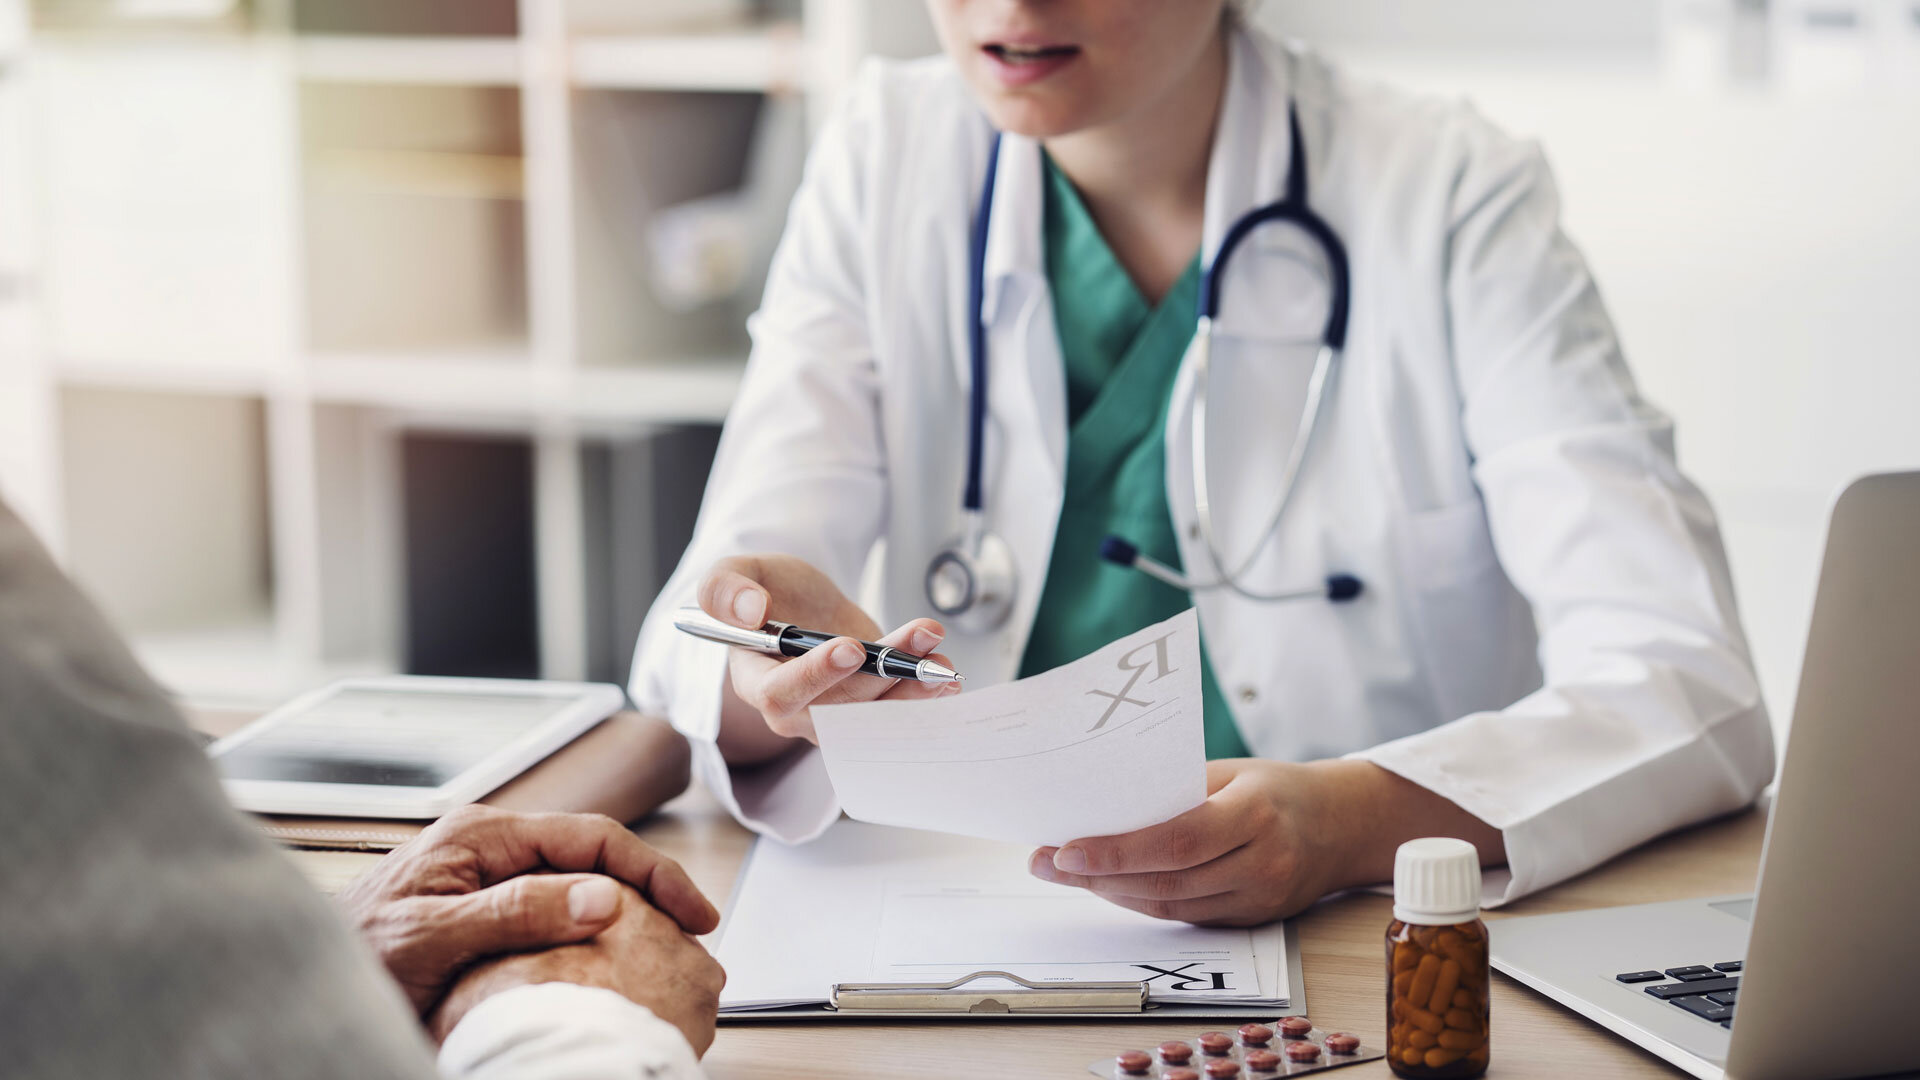 healthcare medical evacuation plan